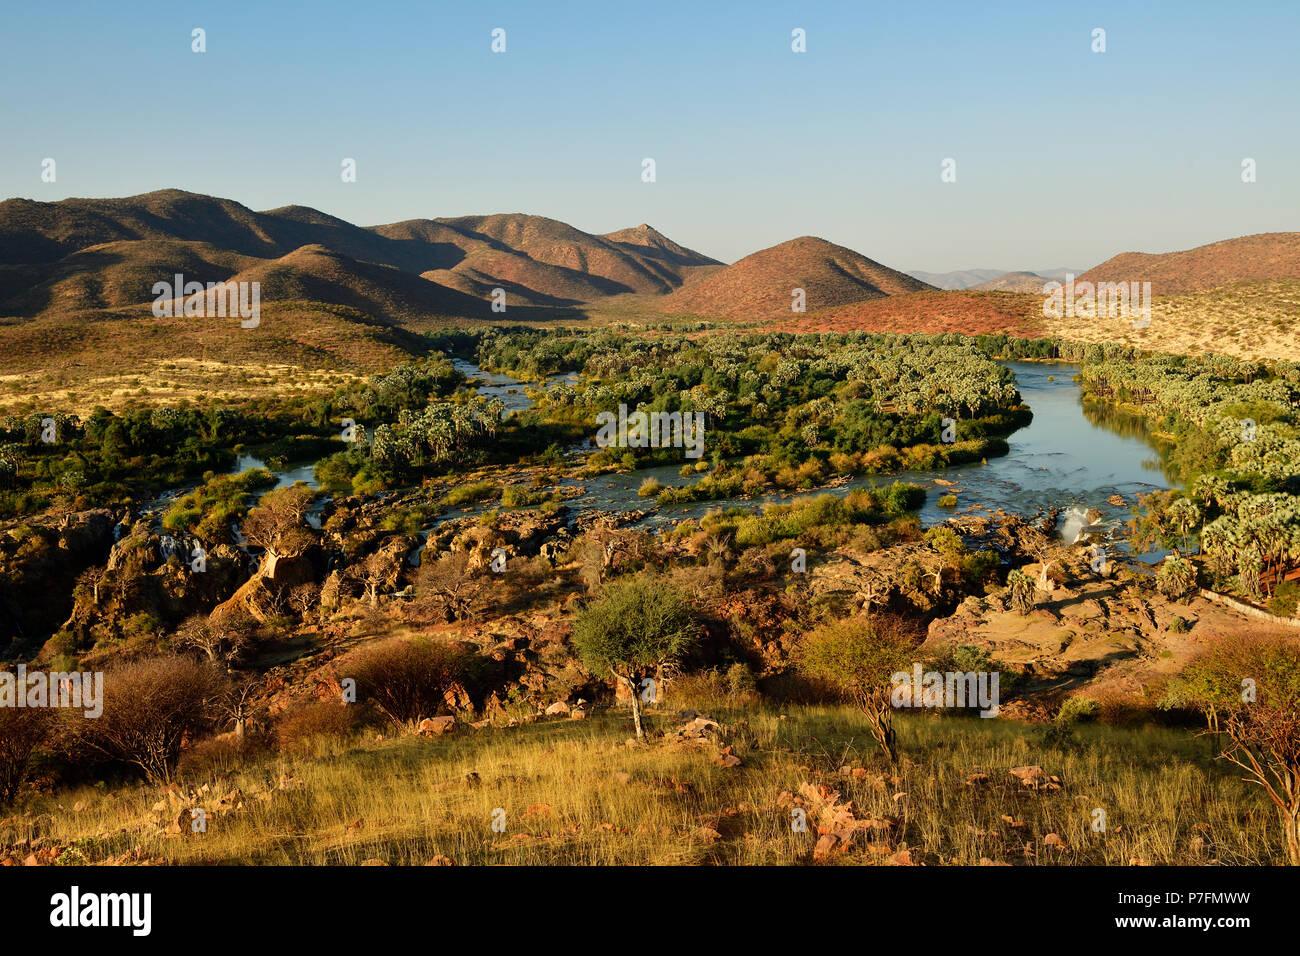 Avis de large Paysage avec rivière Kunene et Epupa Falls, la Namibie, le Kaokoveld Banque D'Images